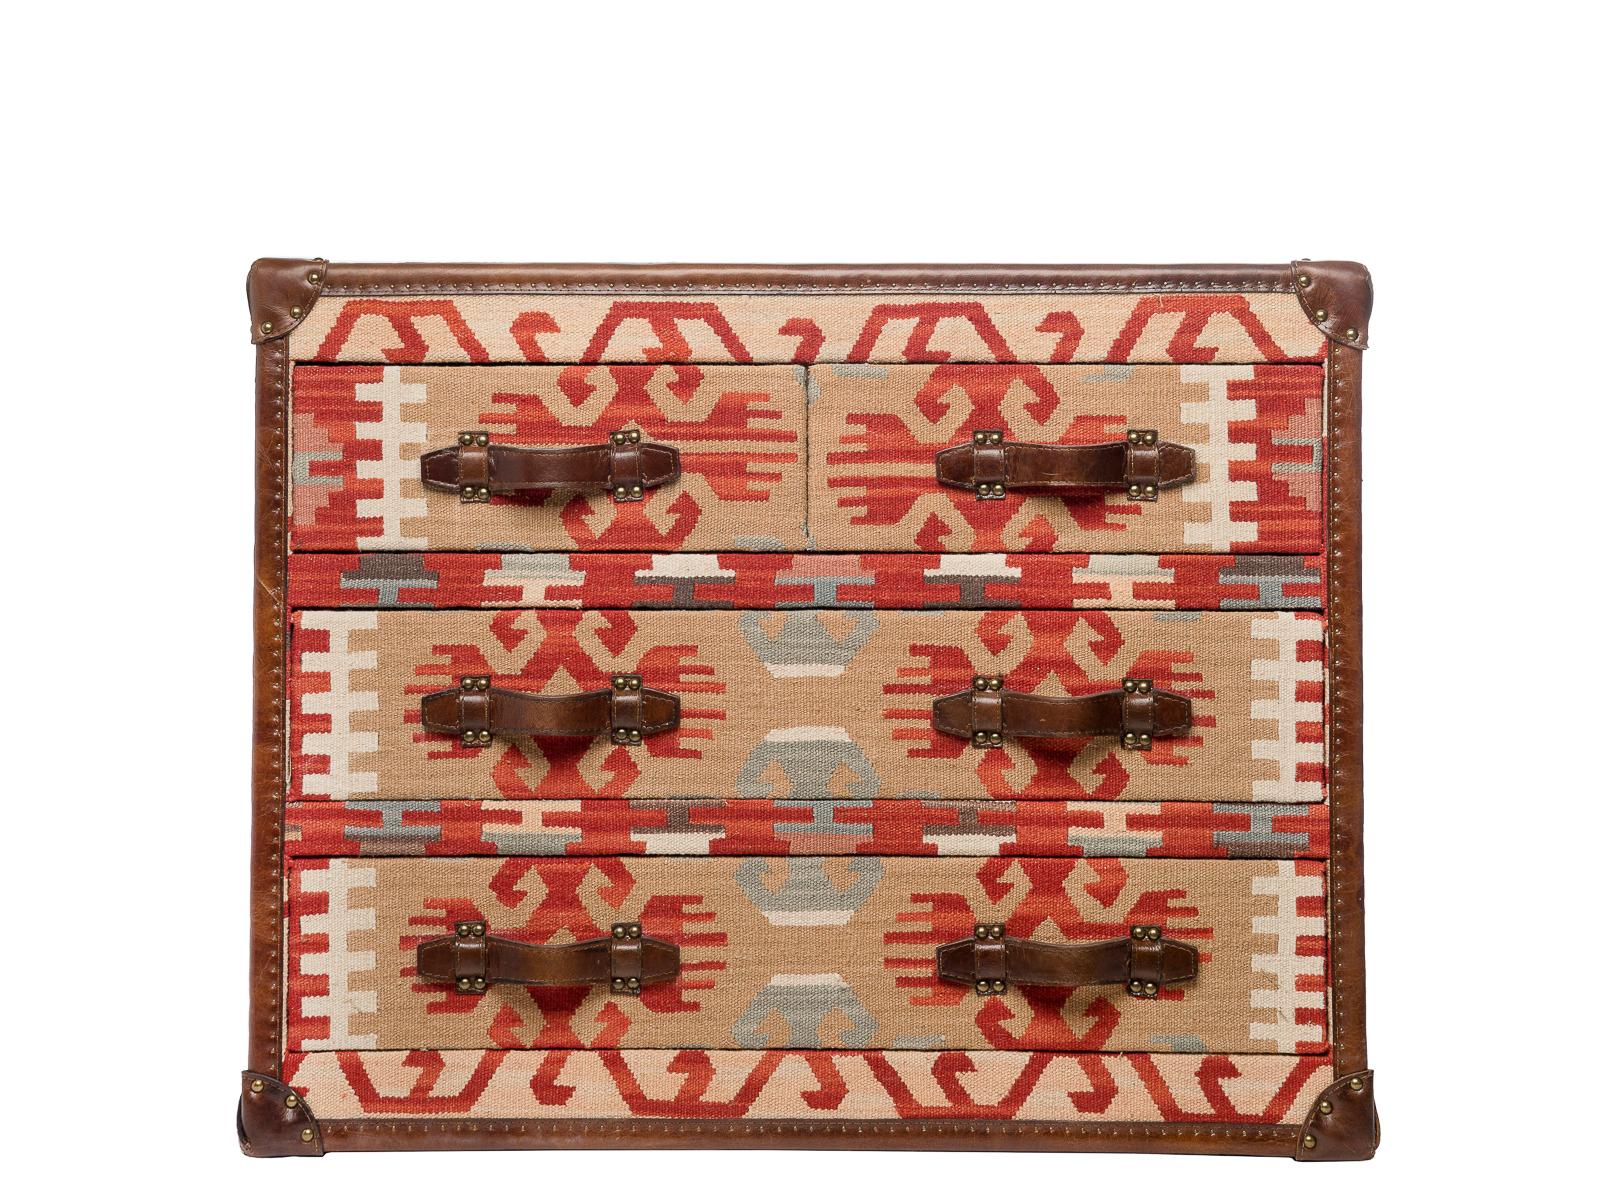 Комод KillimИнтерьерные комоды<br>Этот комод, напоминающий сундук, - невероятно оригинальный предмет интерьера: деревянный каркас обит гобеленом с этническими орнаментами, отсылающих нас к загадочной Южной Америке, и классическая для сундуков кожаная отделка по канту.<br><br>Материал: текстиль - гобелен, каркас - хвоя, кант - натуральная кожа.<br><br>Material: Дерево<br>Высота см: 79<br>Глубина см: 49